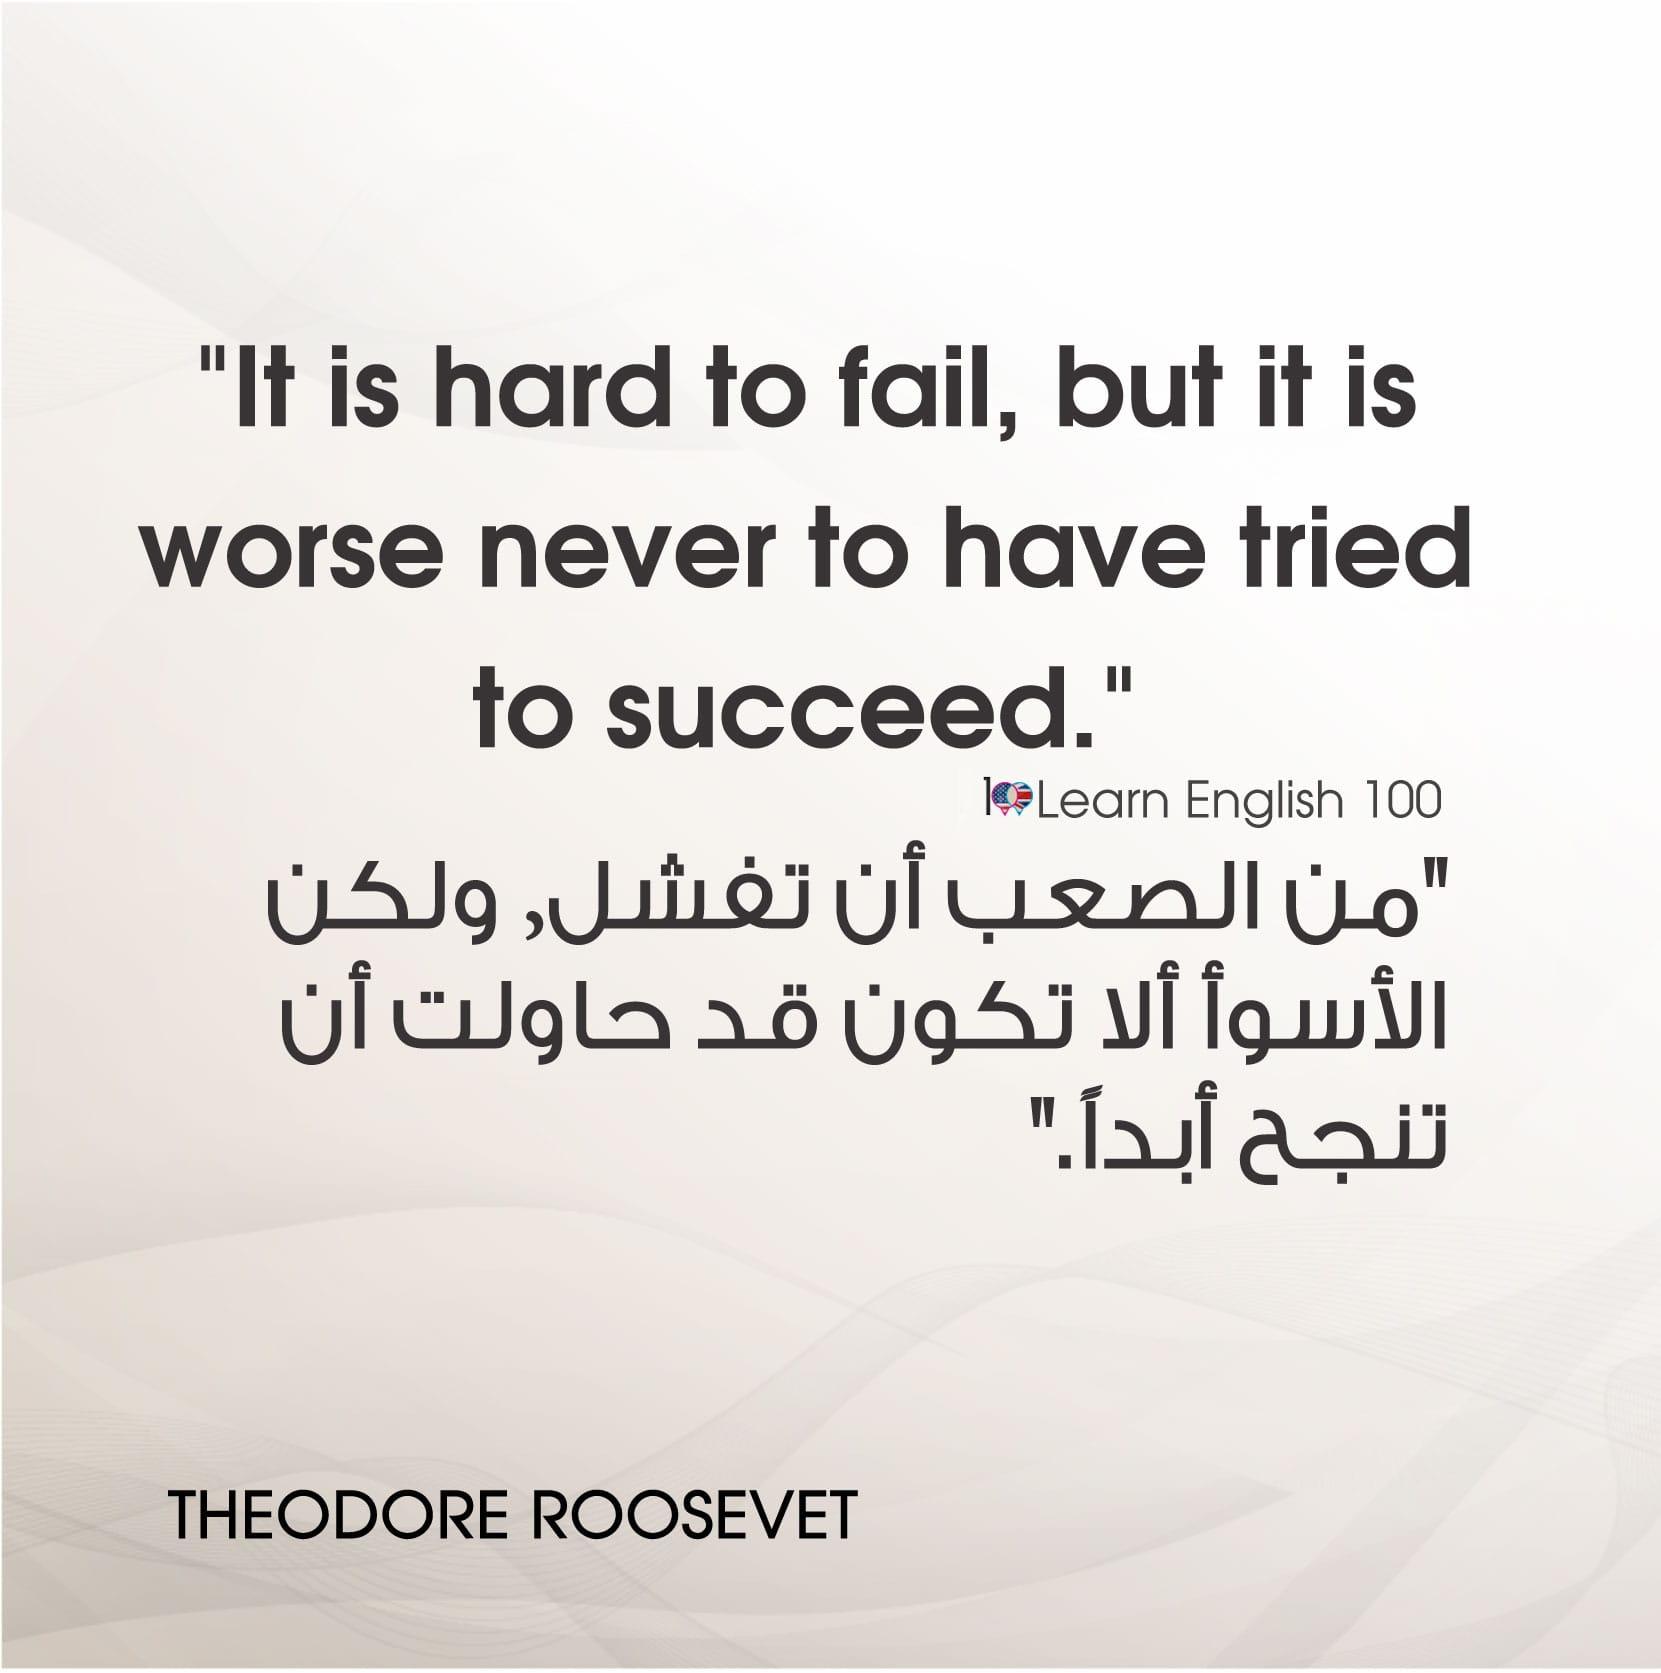 حكم بالانجليزي مترجمه بالعربي مؤثرة وقوية جدا